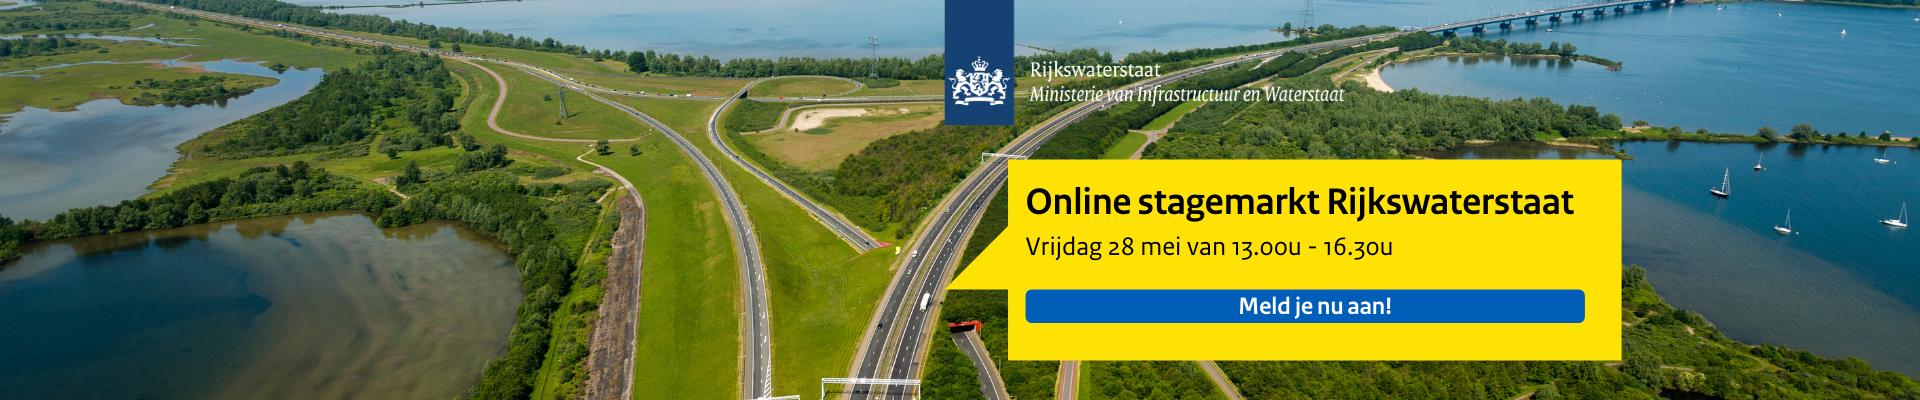 Online stagemarkt Rijkswaterstaat